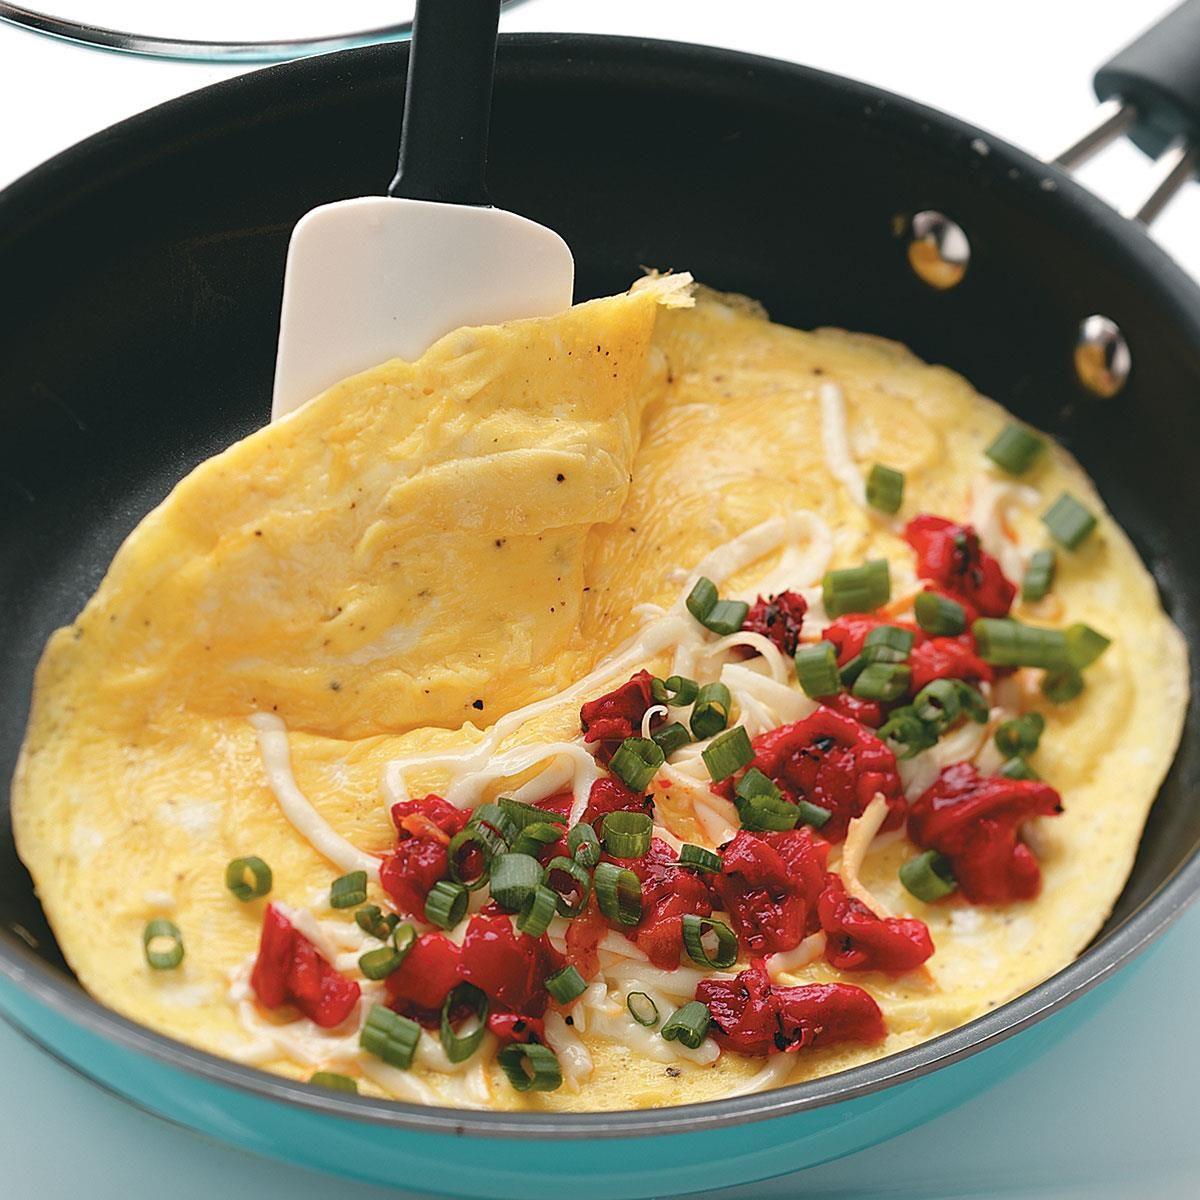 Roasted red pepper omelet